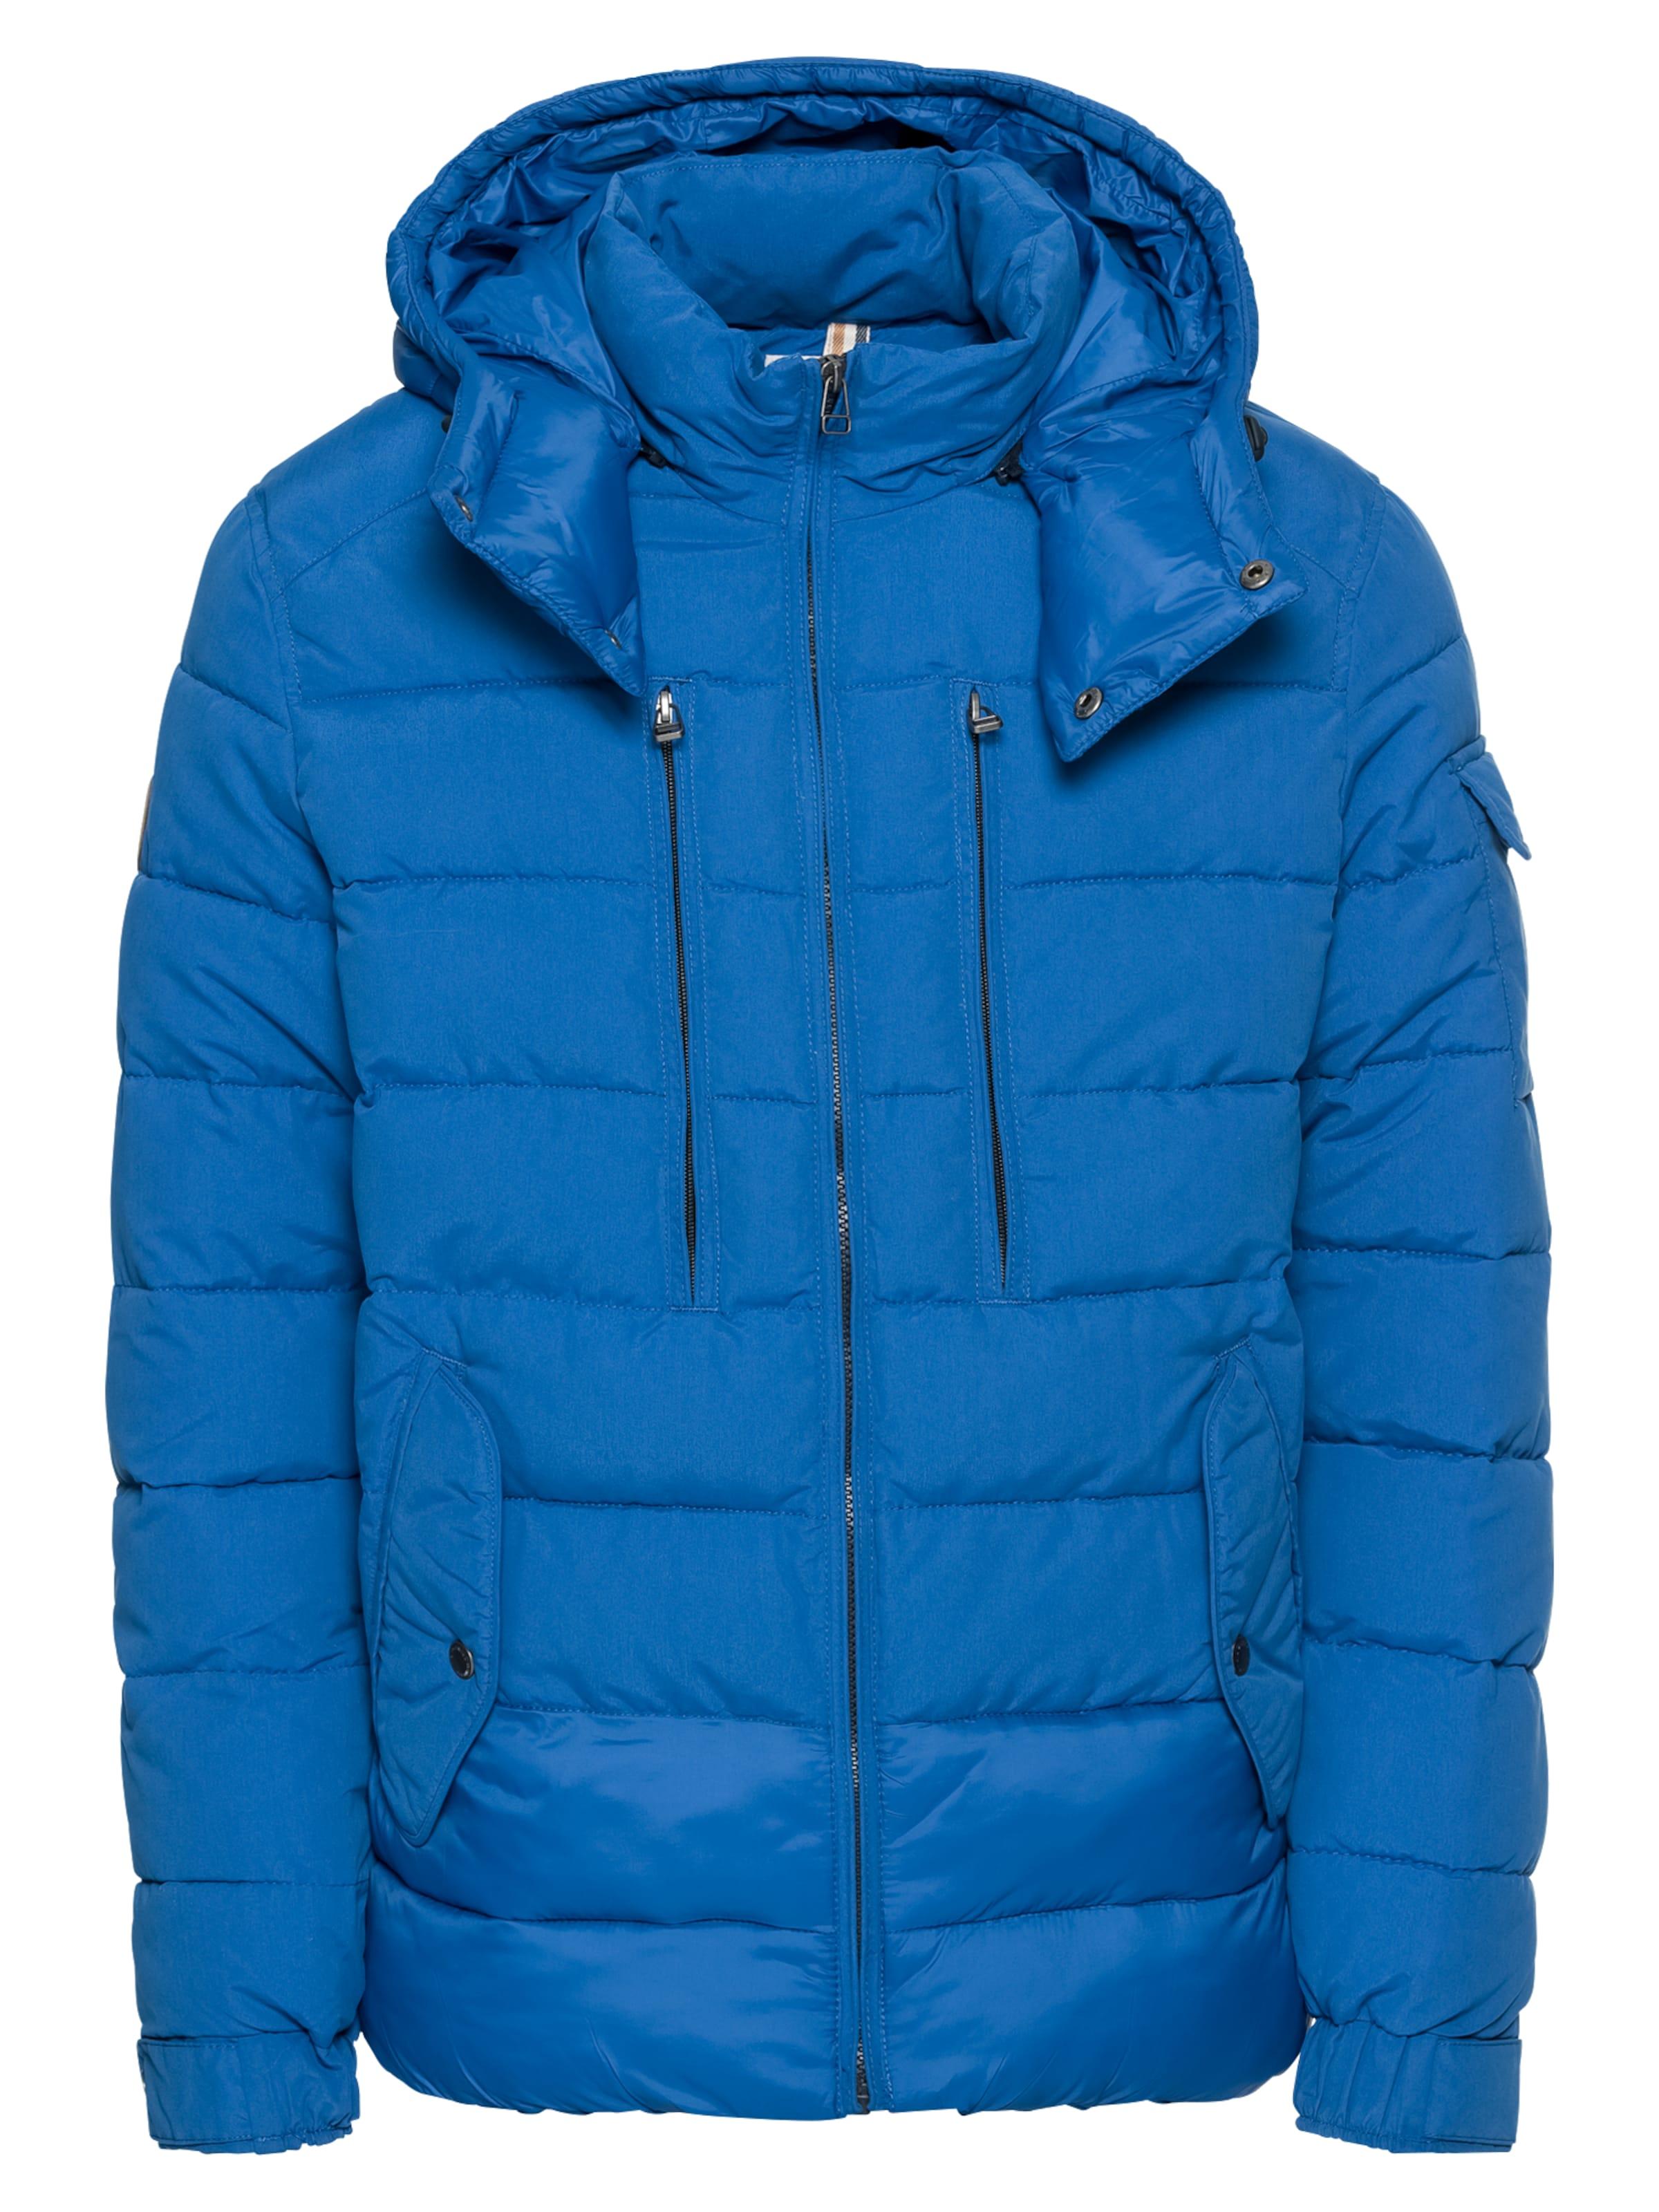 En Short Veste Jackamp; Bleu Jones D'hiver 'jorlite Puffer Jacket' nP0wOk